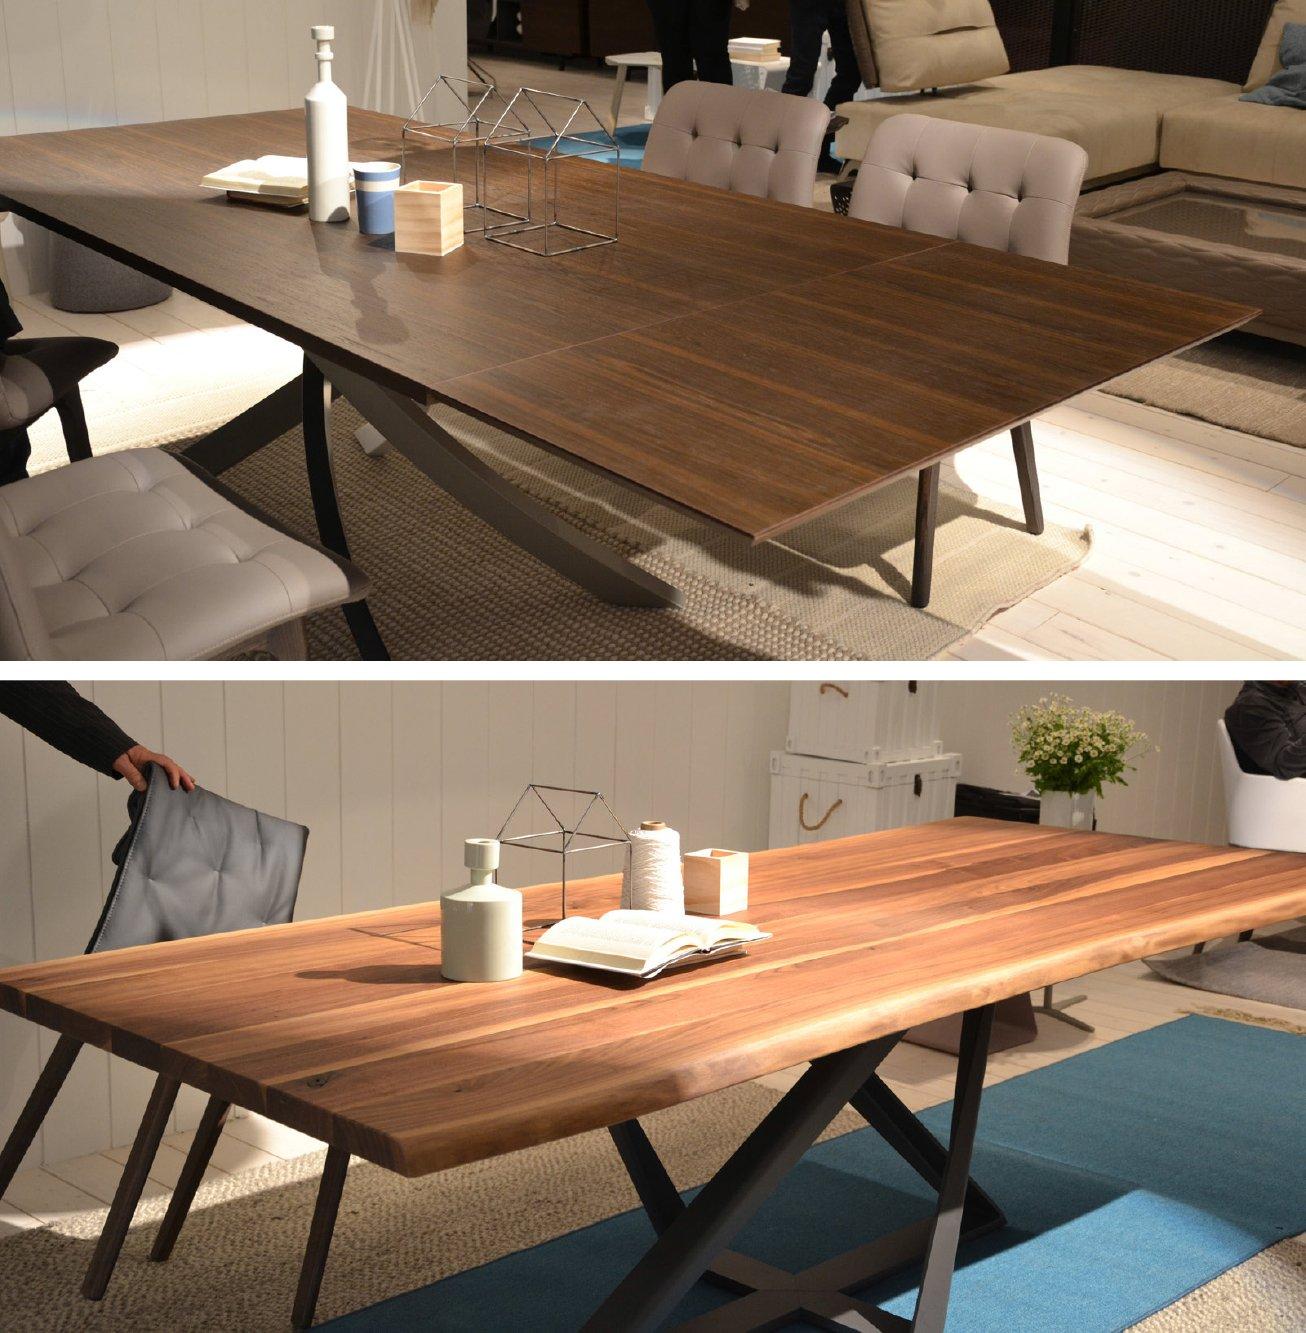 In diretta dalla fiera funzionalit in primo piano per le novit soggiorno cose di casa - Tavoli da falegname nuovi ...